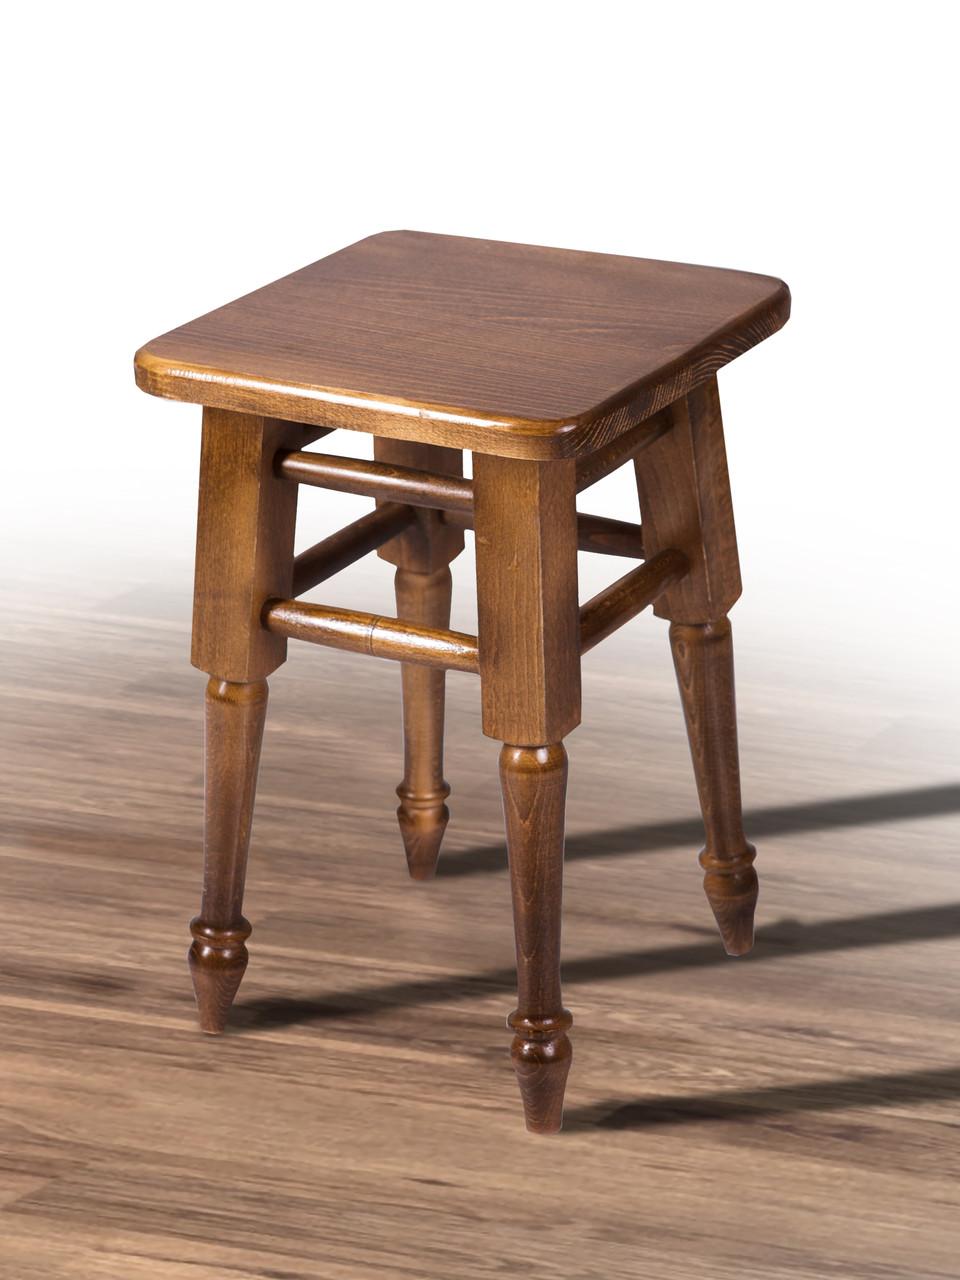 Табурет деревянный на точеных ножках орех (бук)